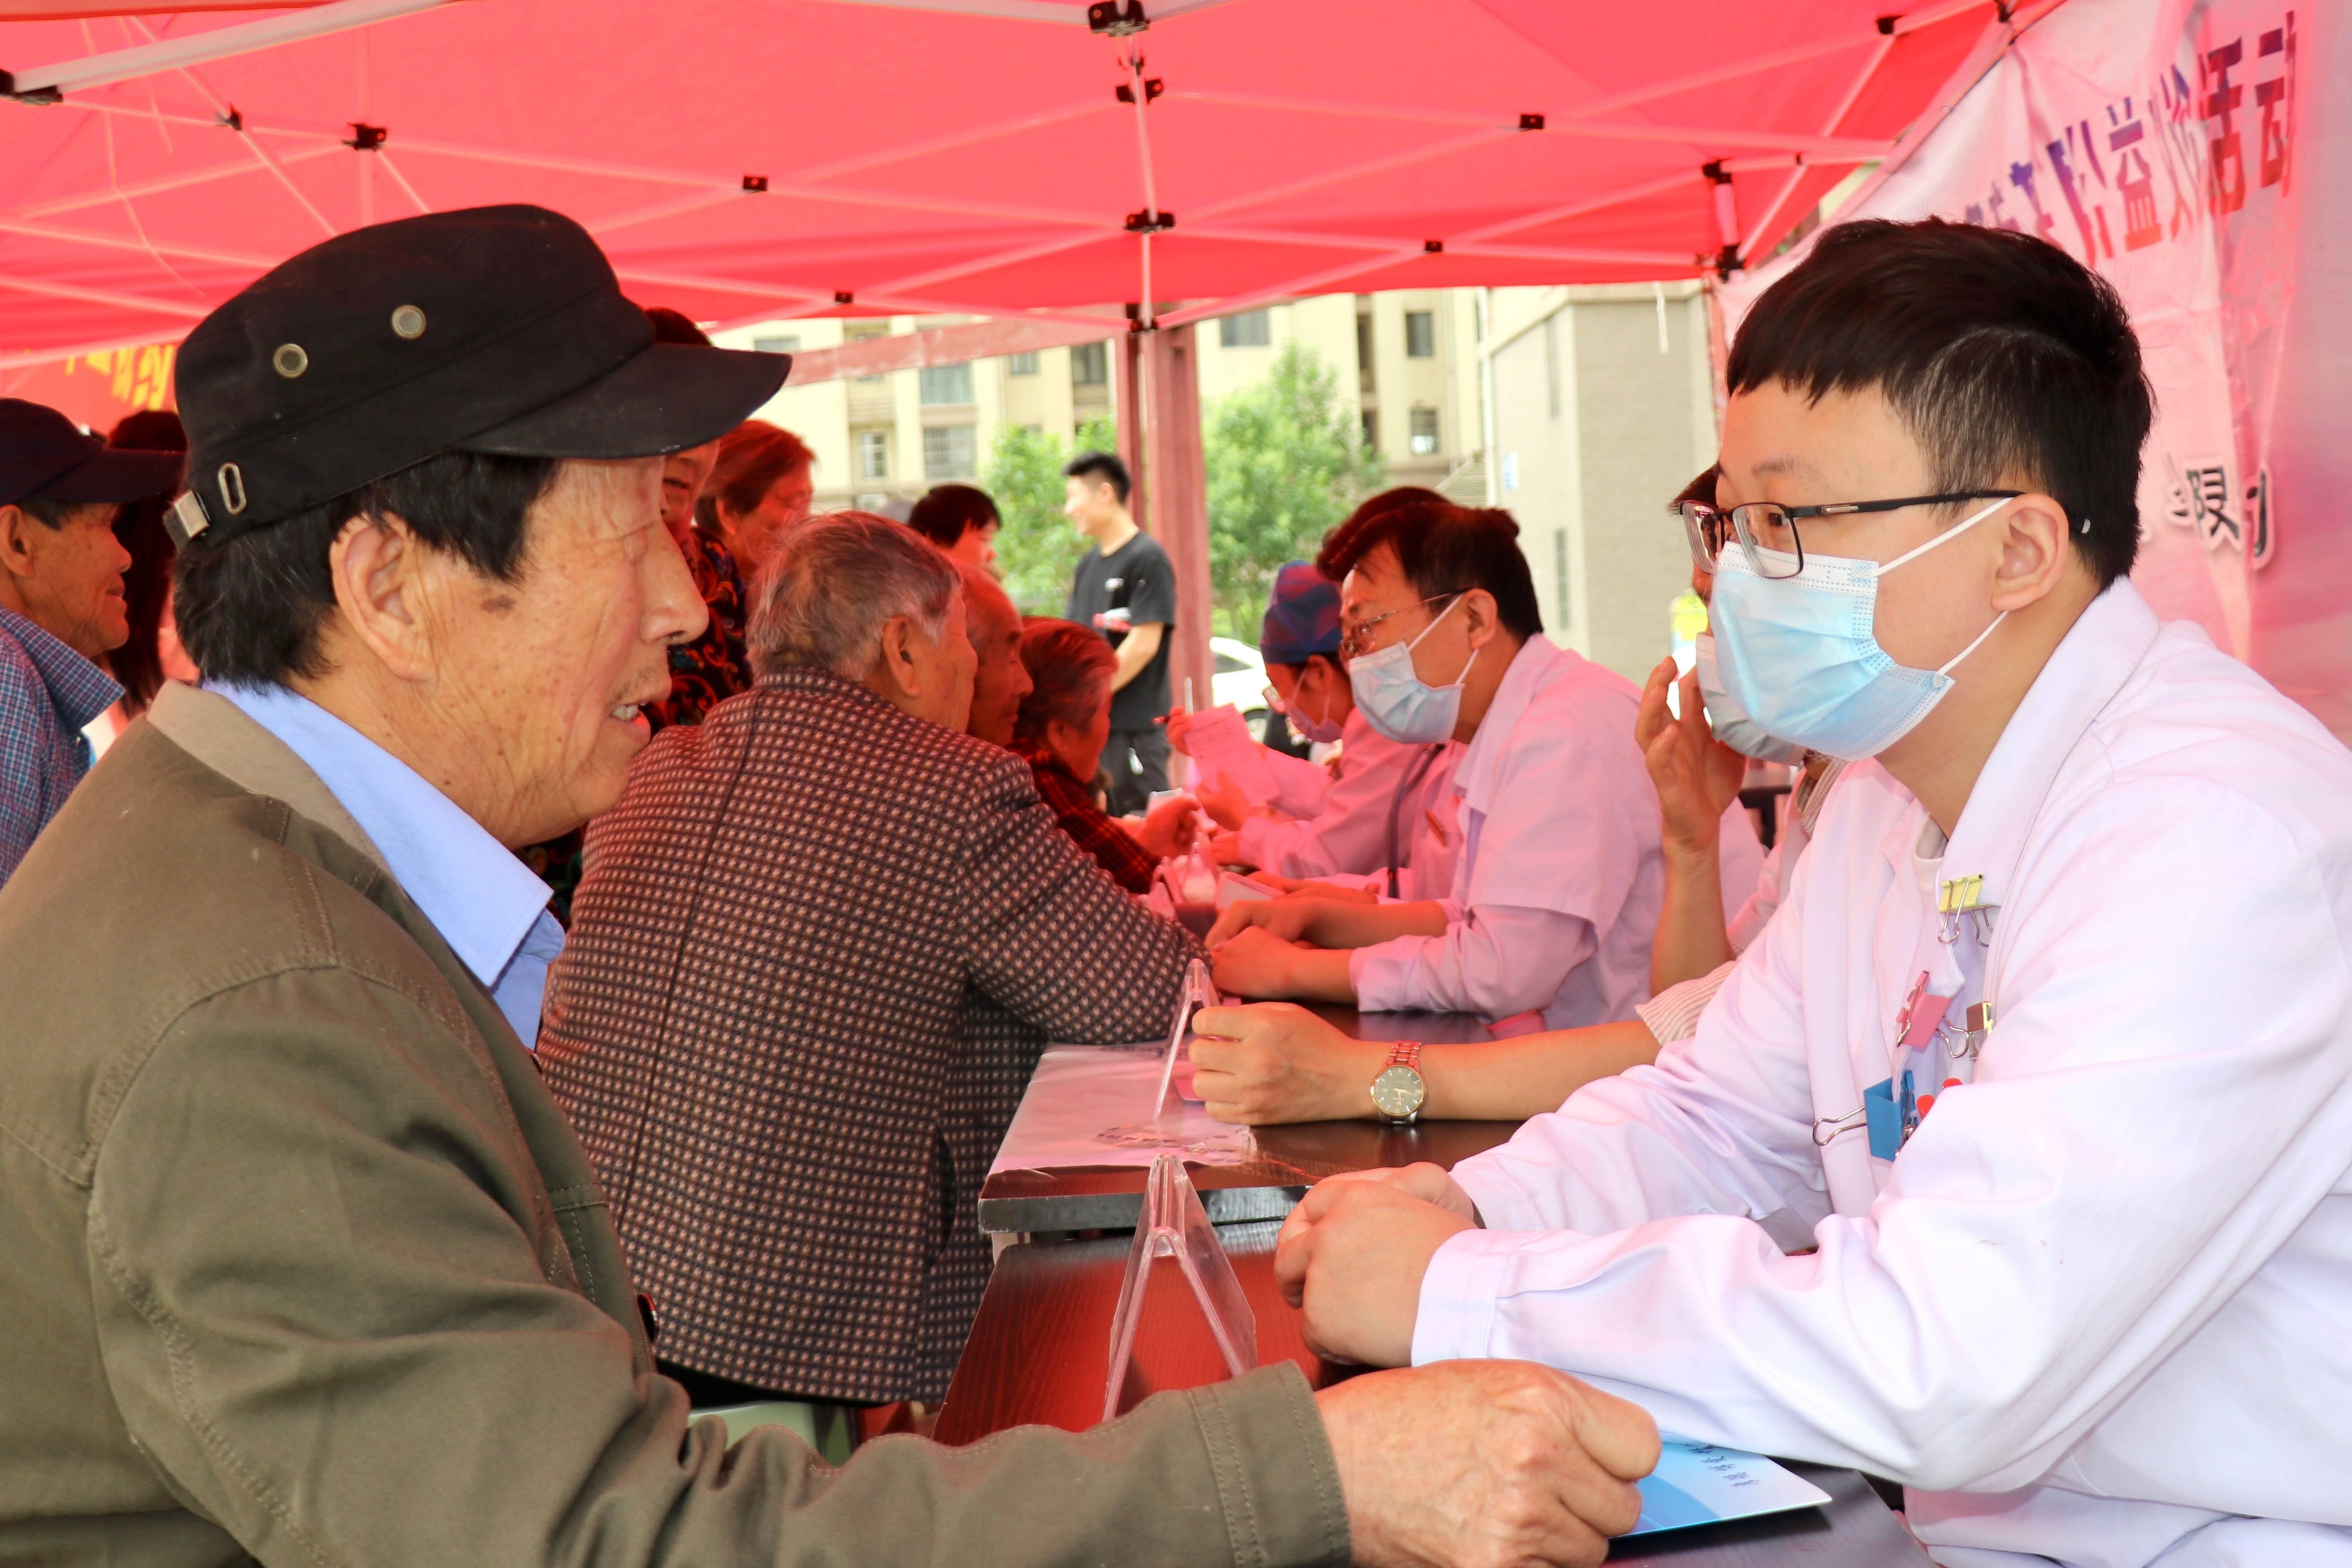 我为群众办实事 健康义诊进社区 ——蚌埠二院赴山王村开展文明共建义诊活动